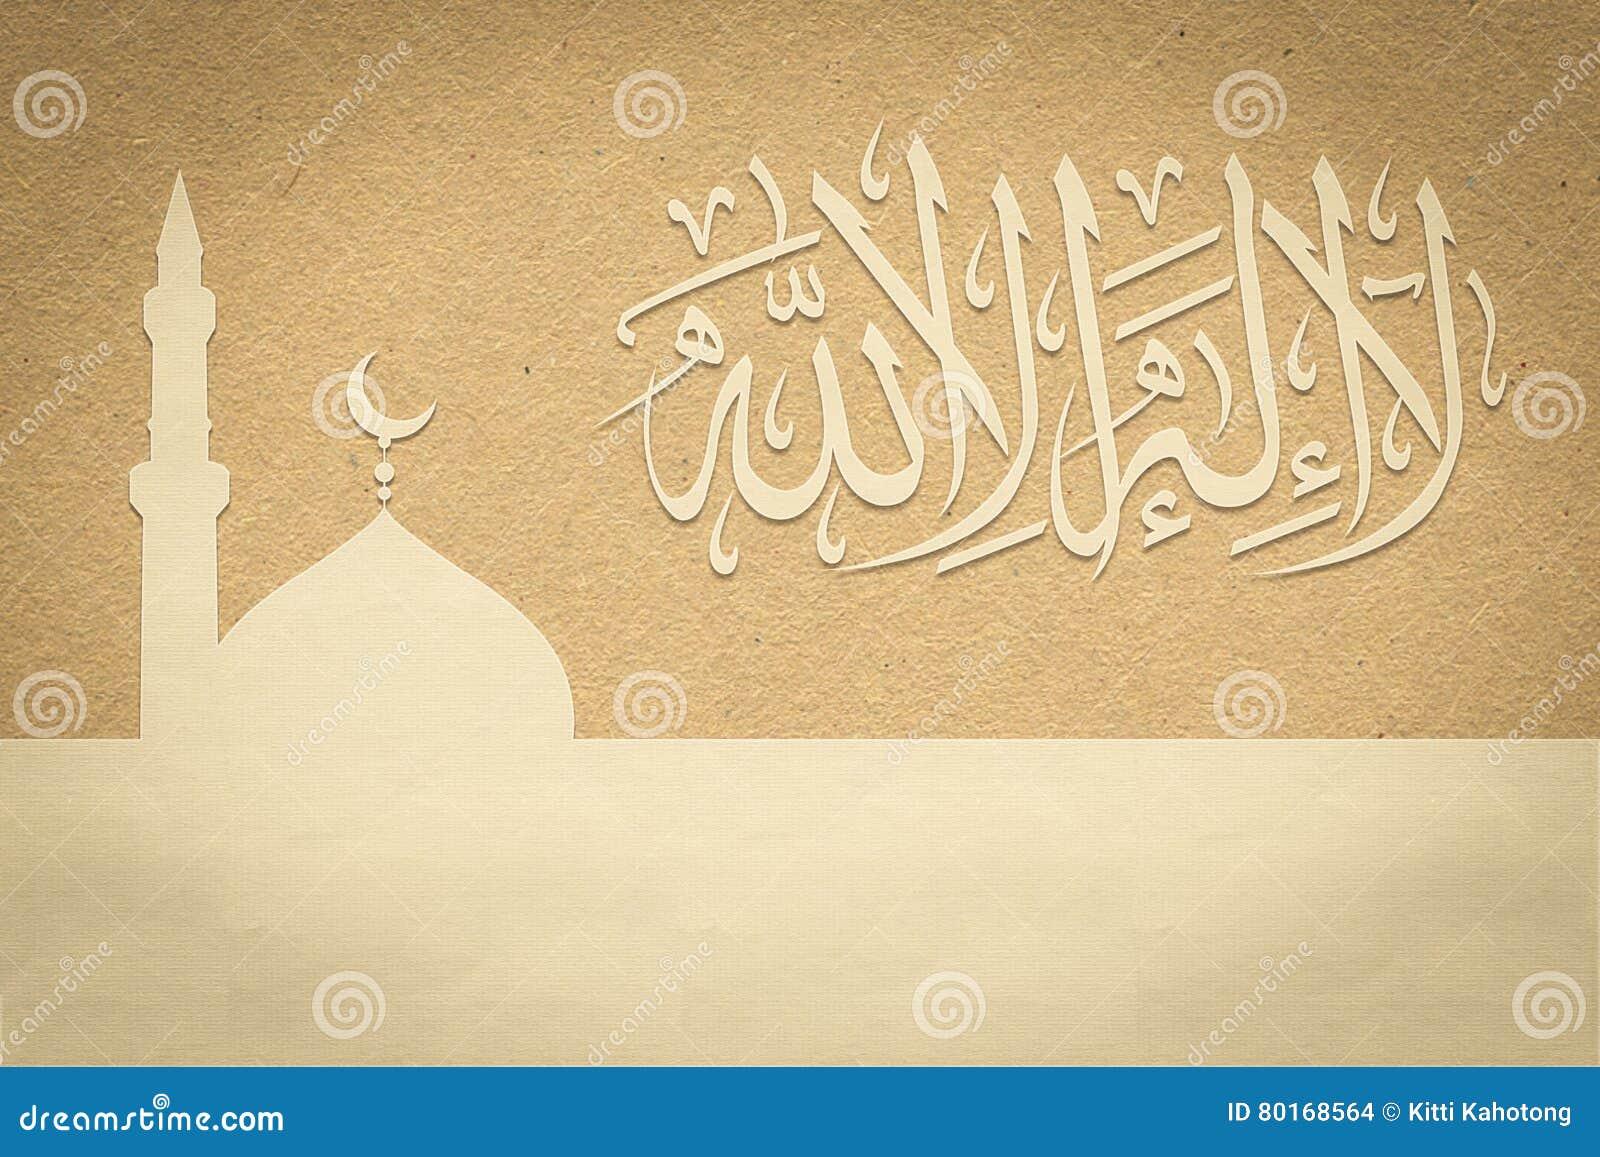 Исламское также вызванное lailahaillallah термине, shahada, своим исламское кредо